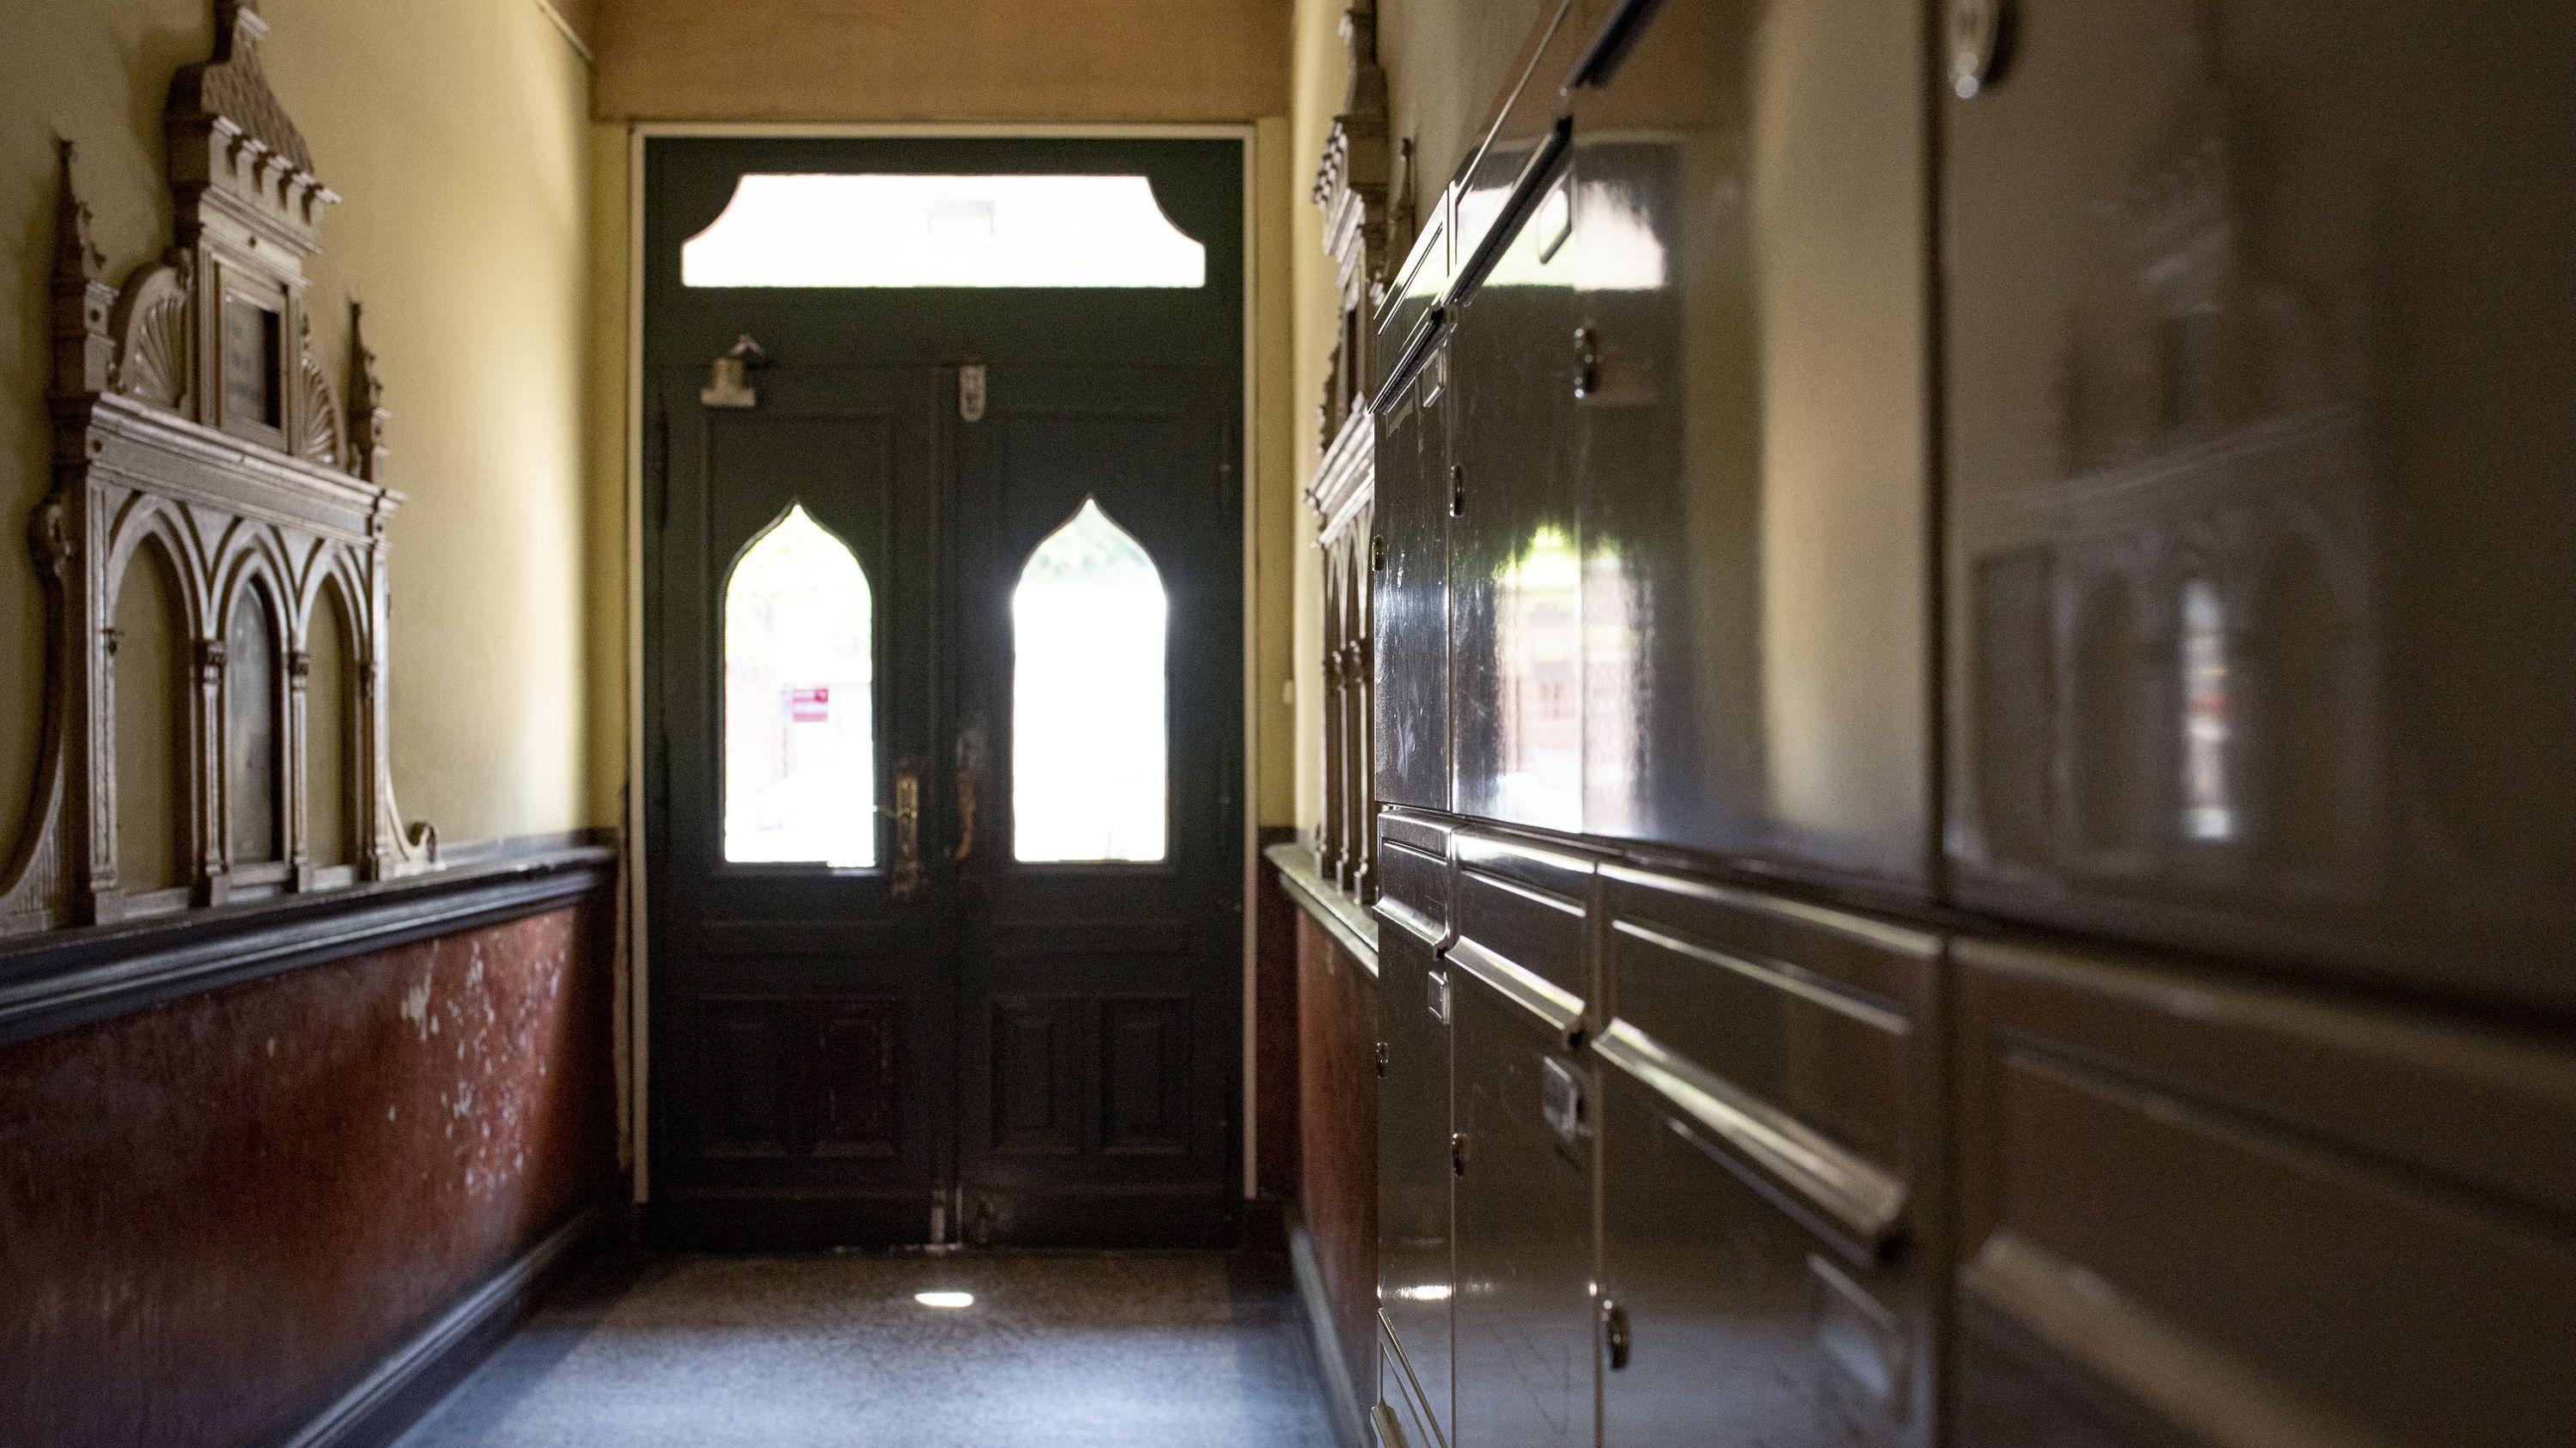 Blick in den Hausflur eines Wohnhauses